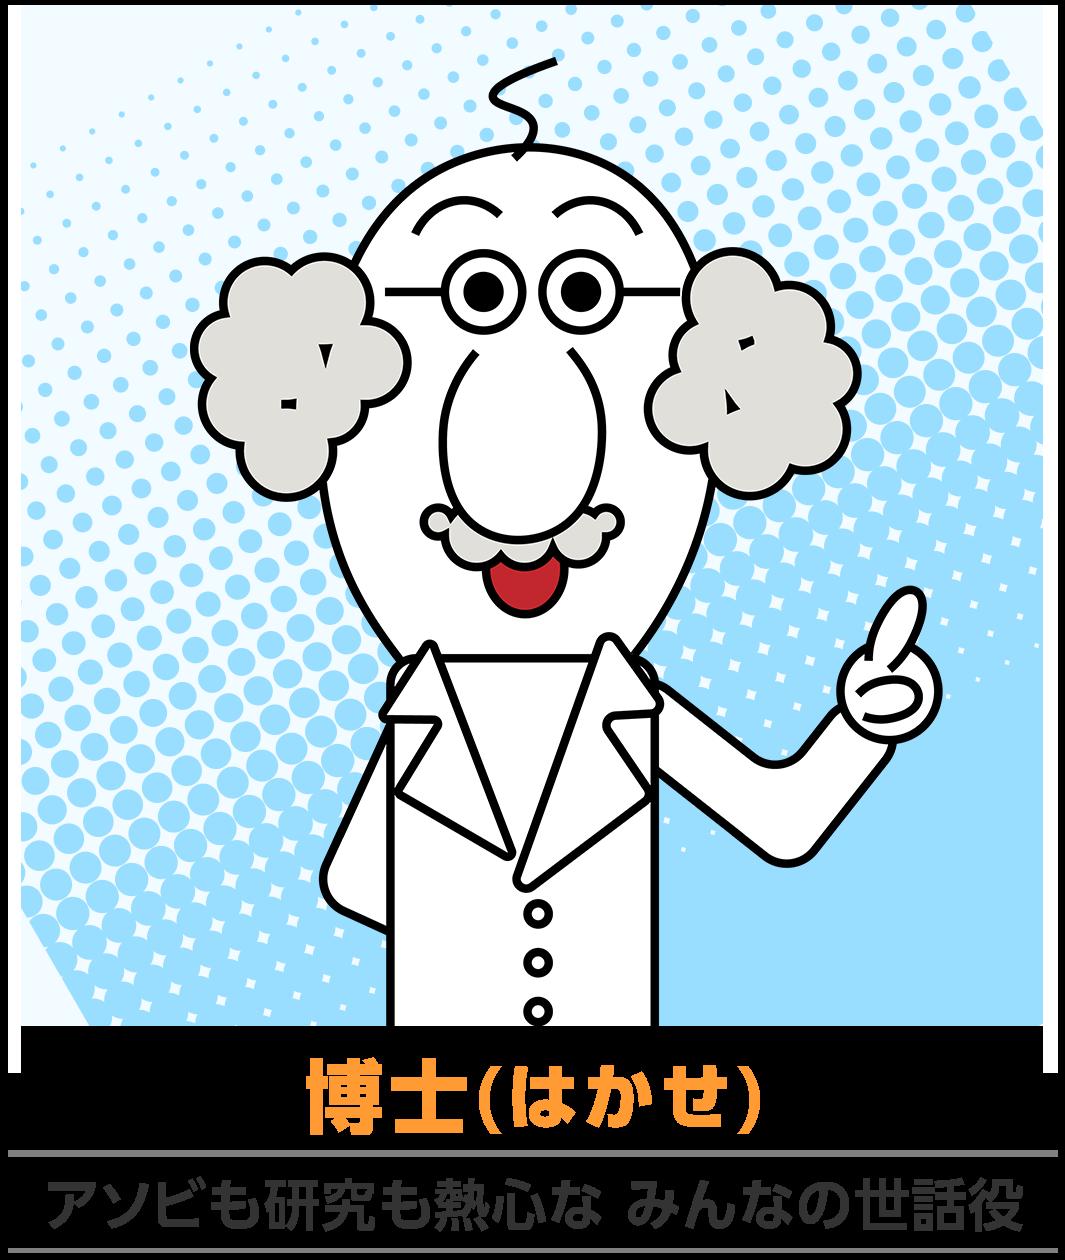 博士(はかせ)